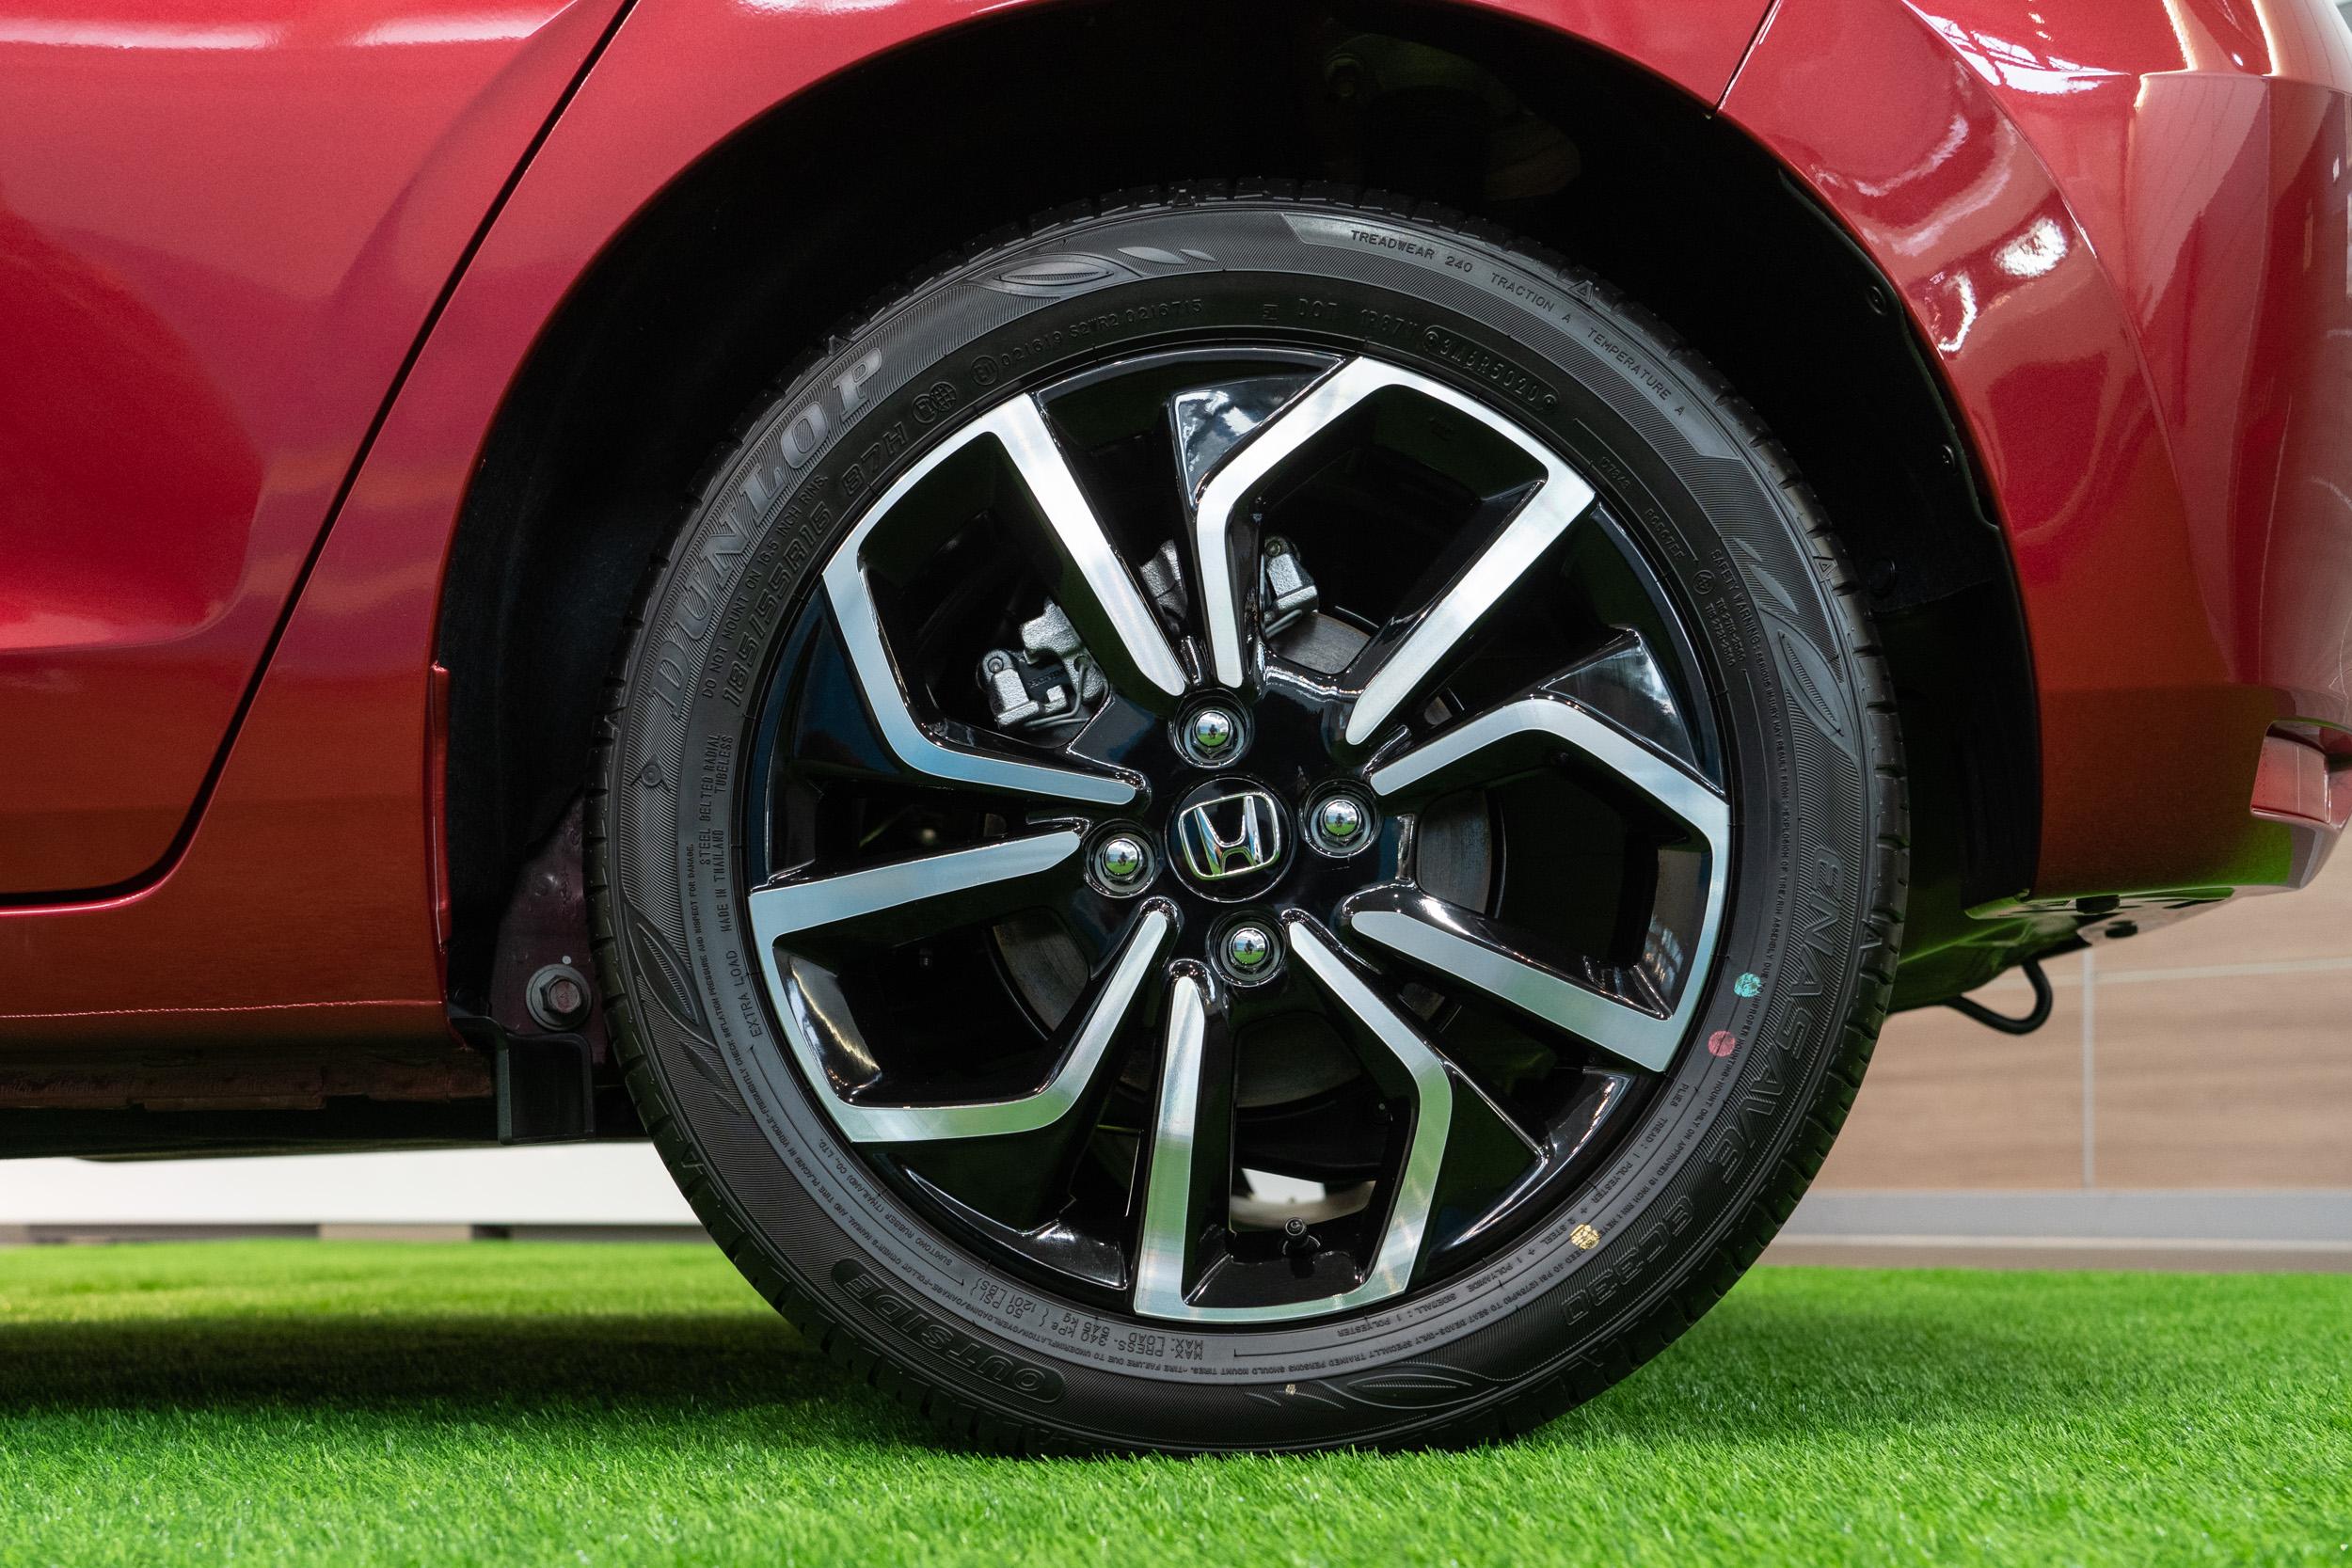 後煞車卡鉗的位置從過去的後軸後方改為後軸上方,減少煞車時重心轉移的程度,讓車身的煞車動態更為沈穩易控制。